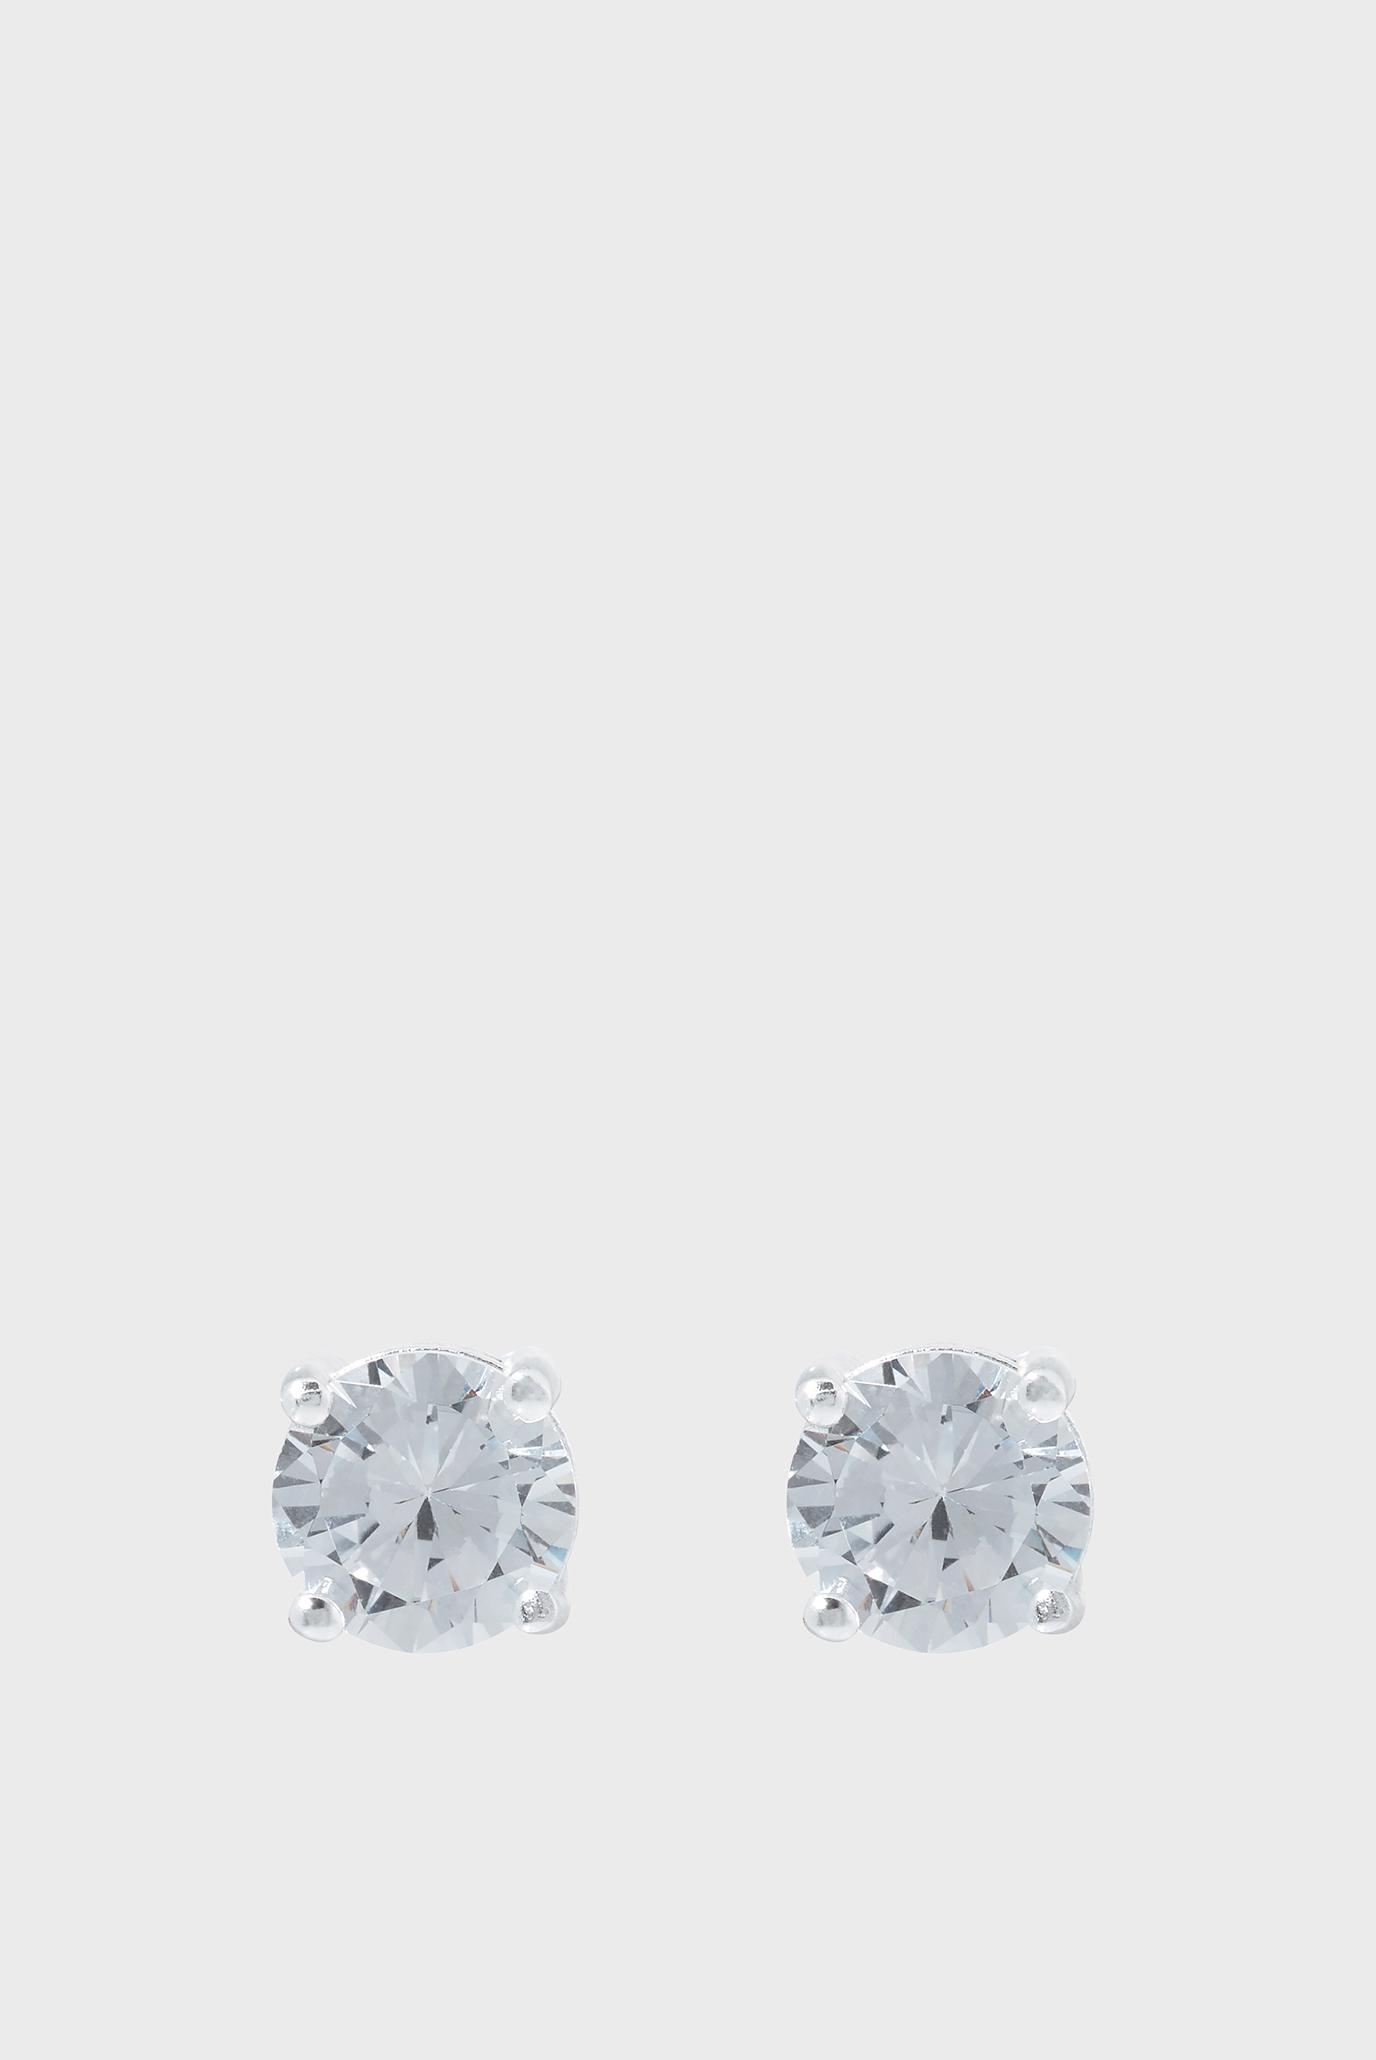 Жіночі срібні сережки ST CZ 3 CT ROUND CUT 1